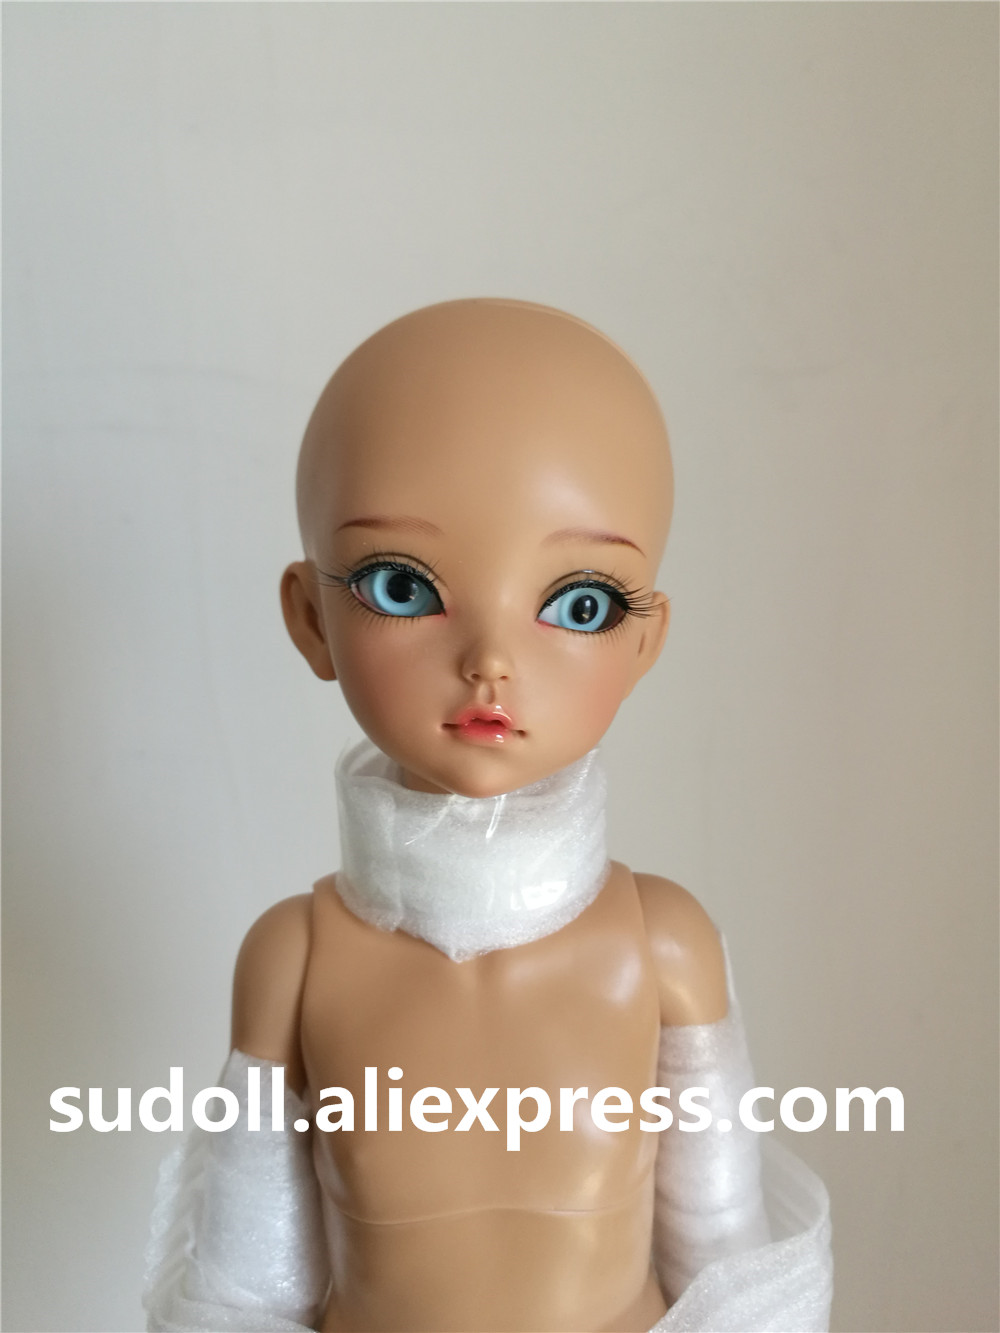 SuDoll 1/6 bjd doll sd dolls doll girl big eyes high qualitySuDoll 1/6 bjd doll sd dolls doll girl big eyes high quality